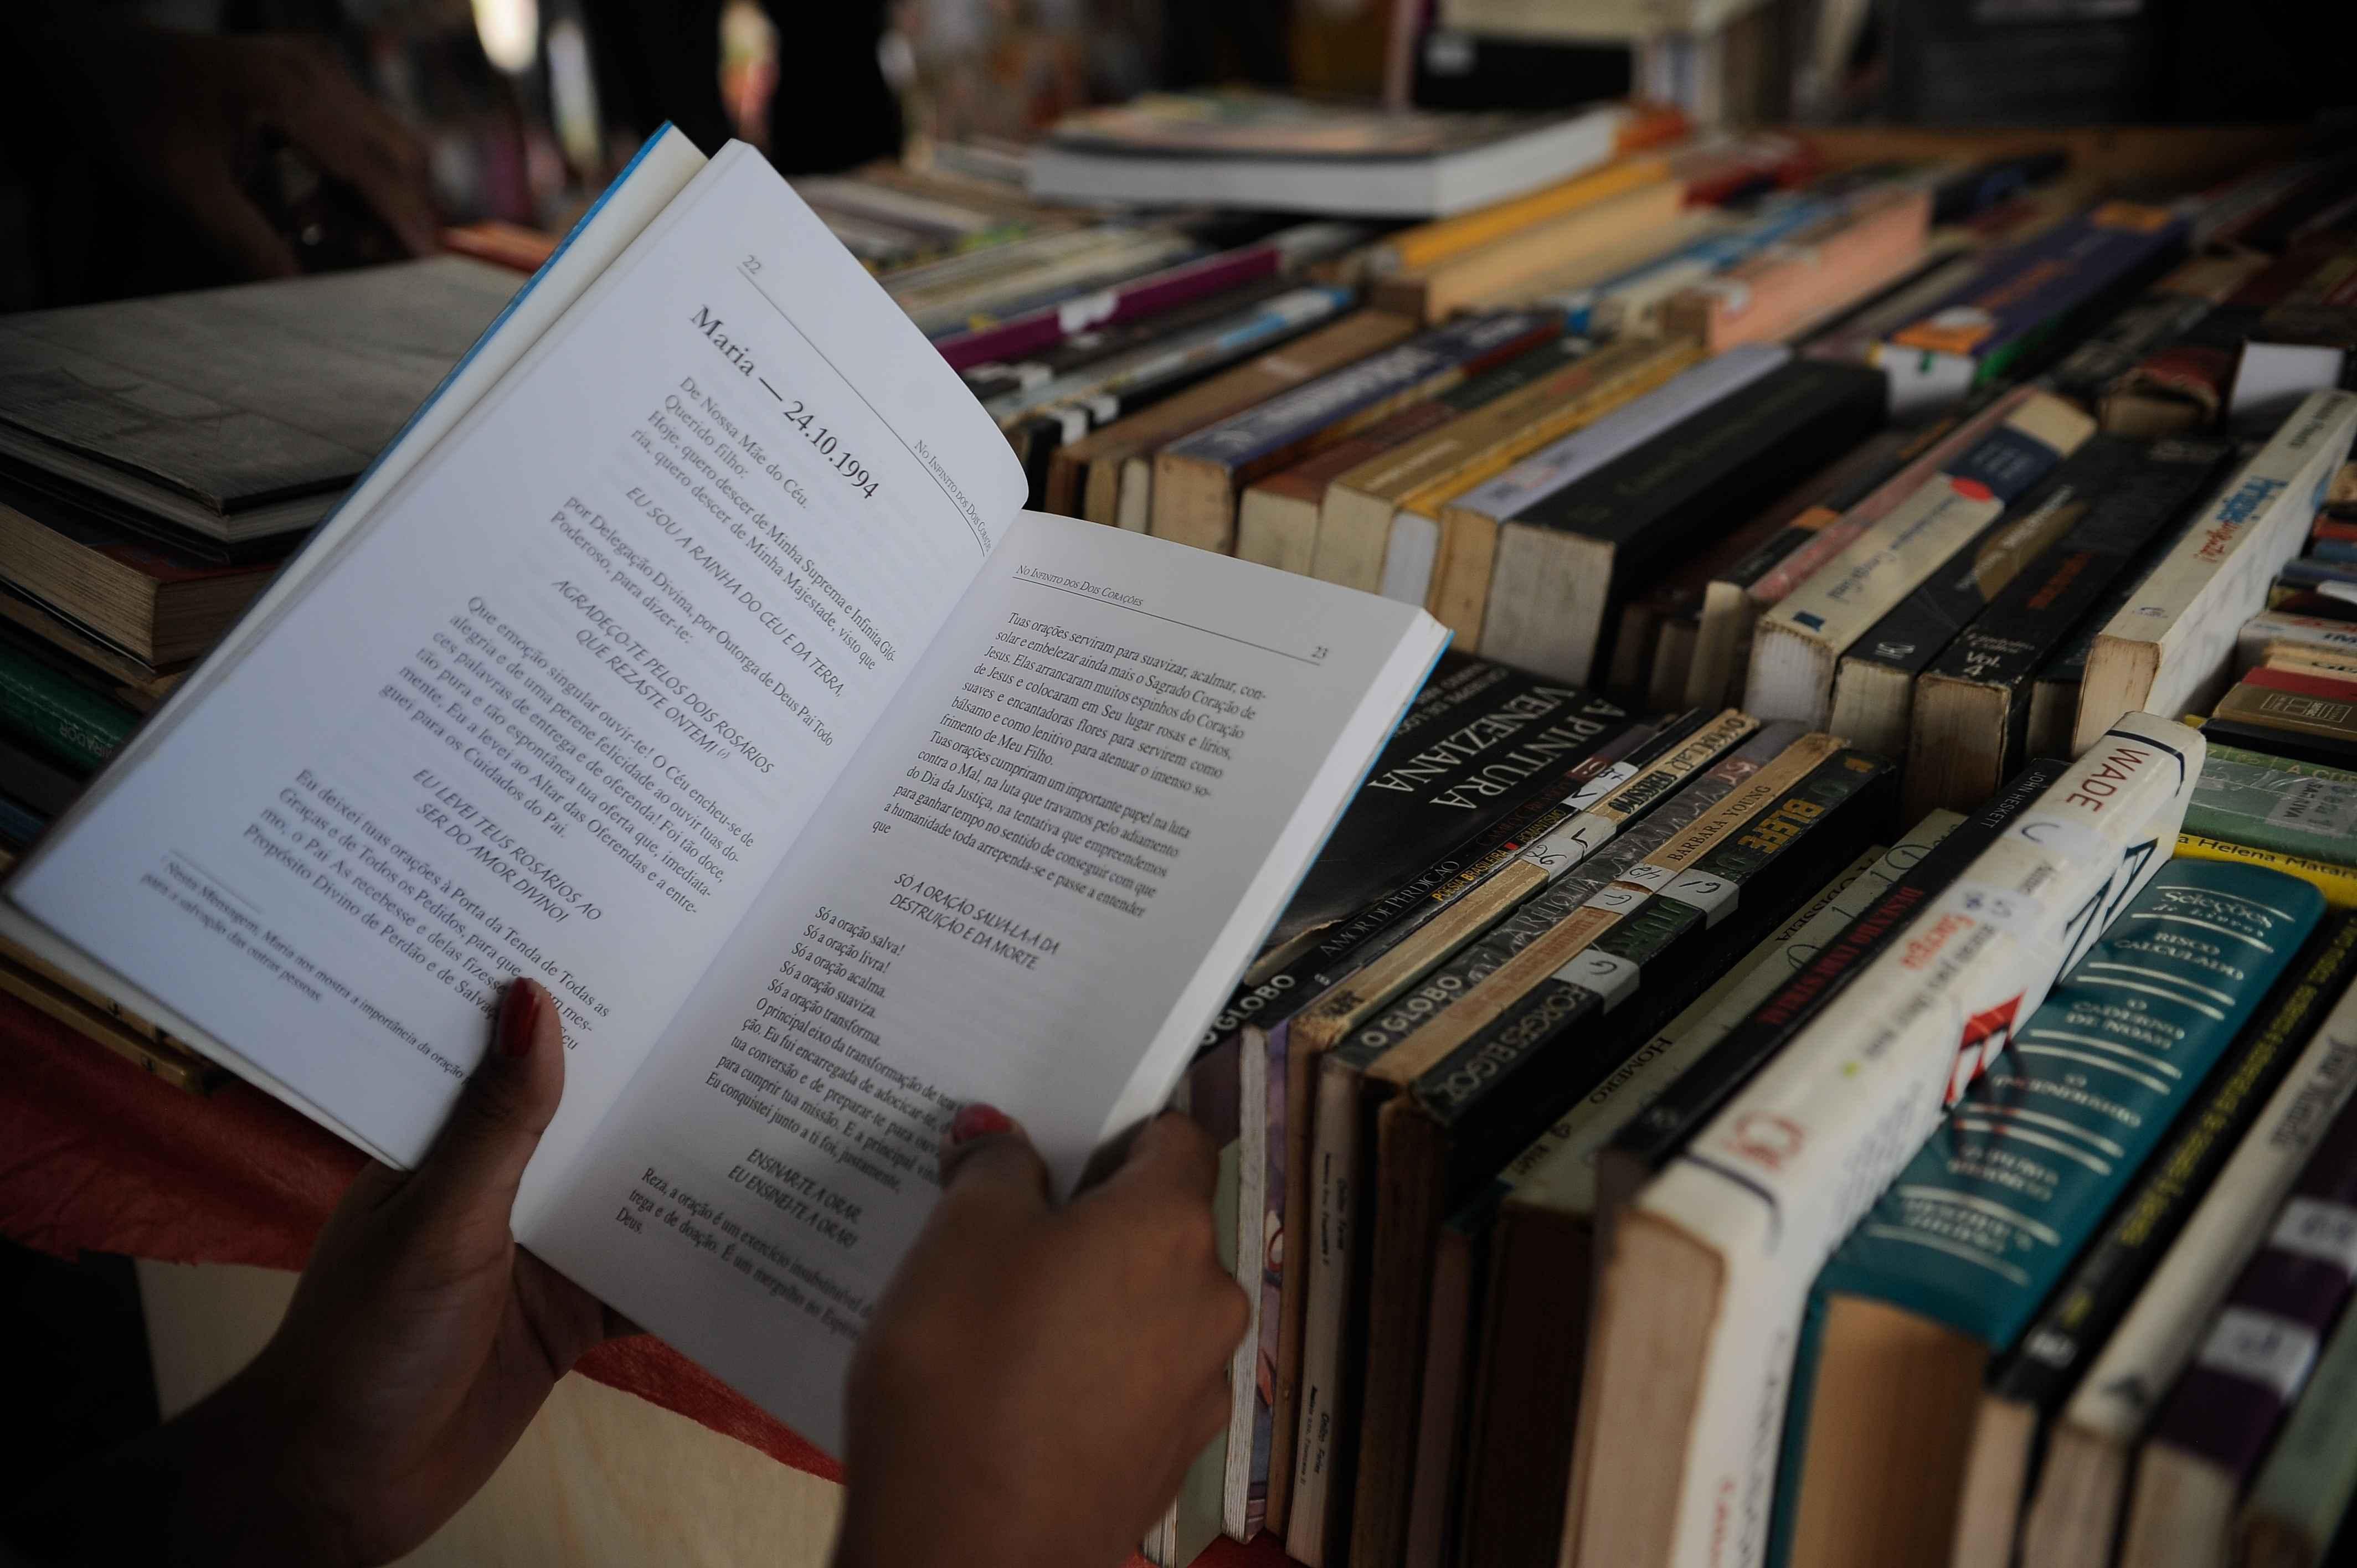 Escrita e literatura estão entre as linhas temáticas abordadas no evento